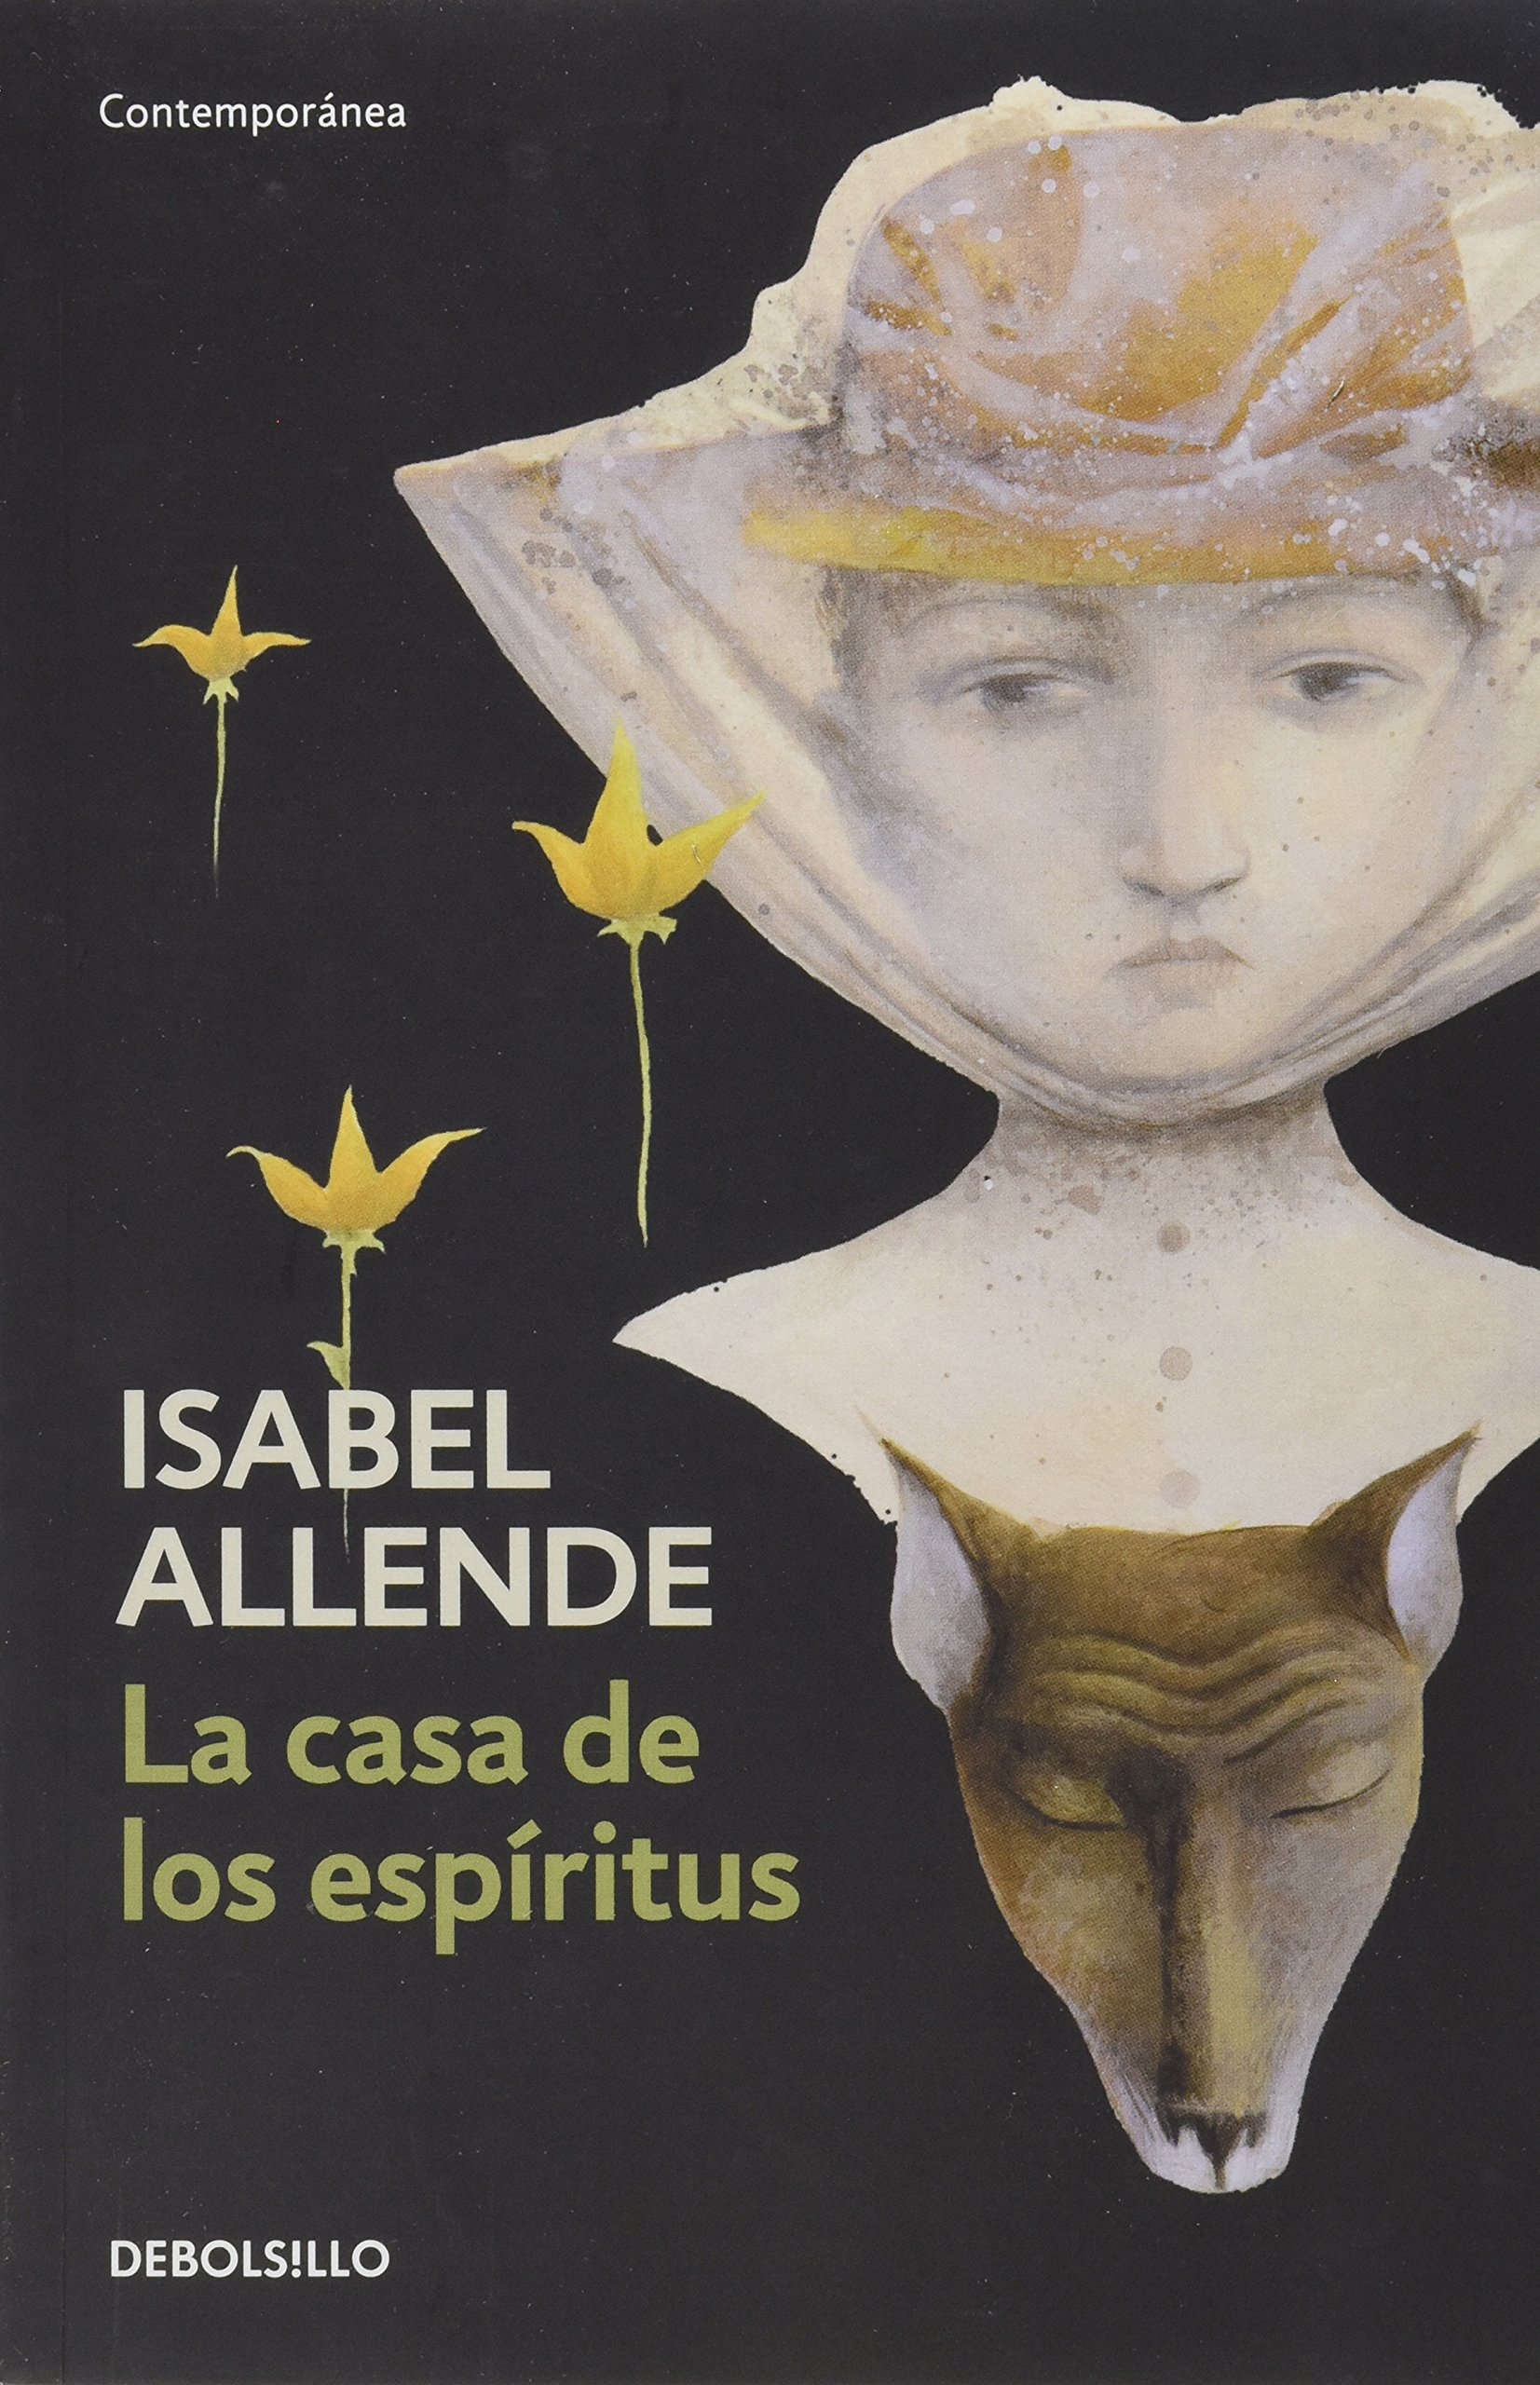 La casa de los espíritus: ISABEL ALLENDE: Amazon.com.mx: Libros